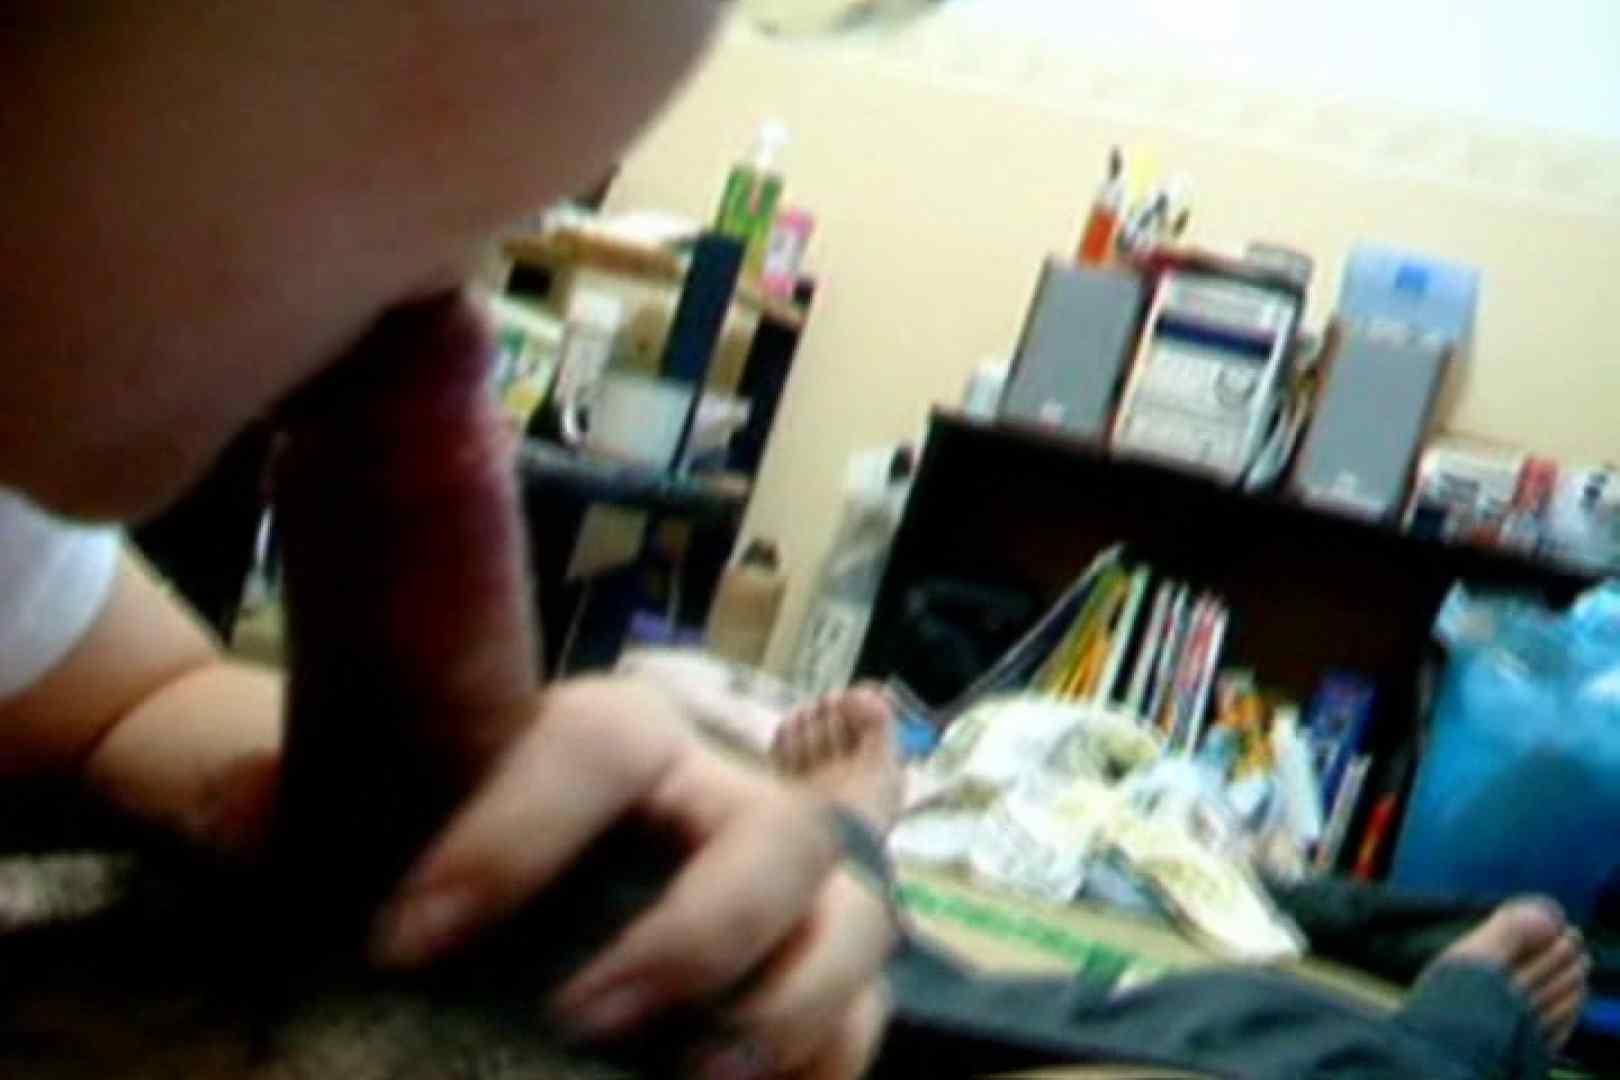 ウイルス流出 鹿児島県庁職員 中瀬瀬久成の流出ビデオ おまんこ娘 | 特撮オマンコ  95連発 57